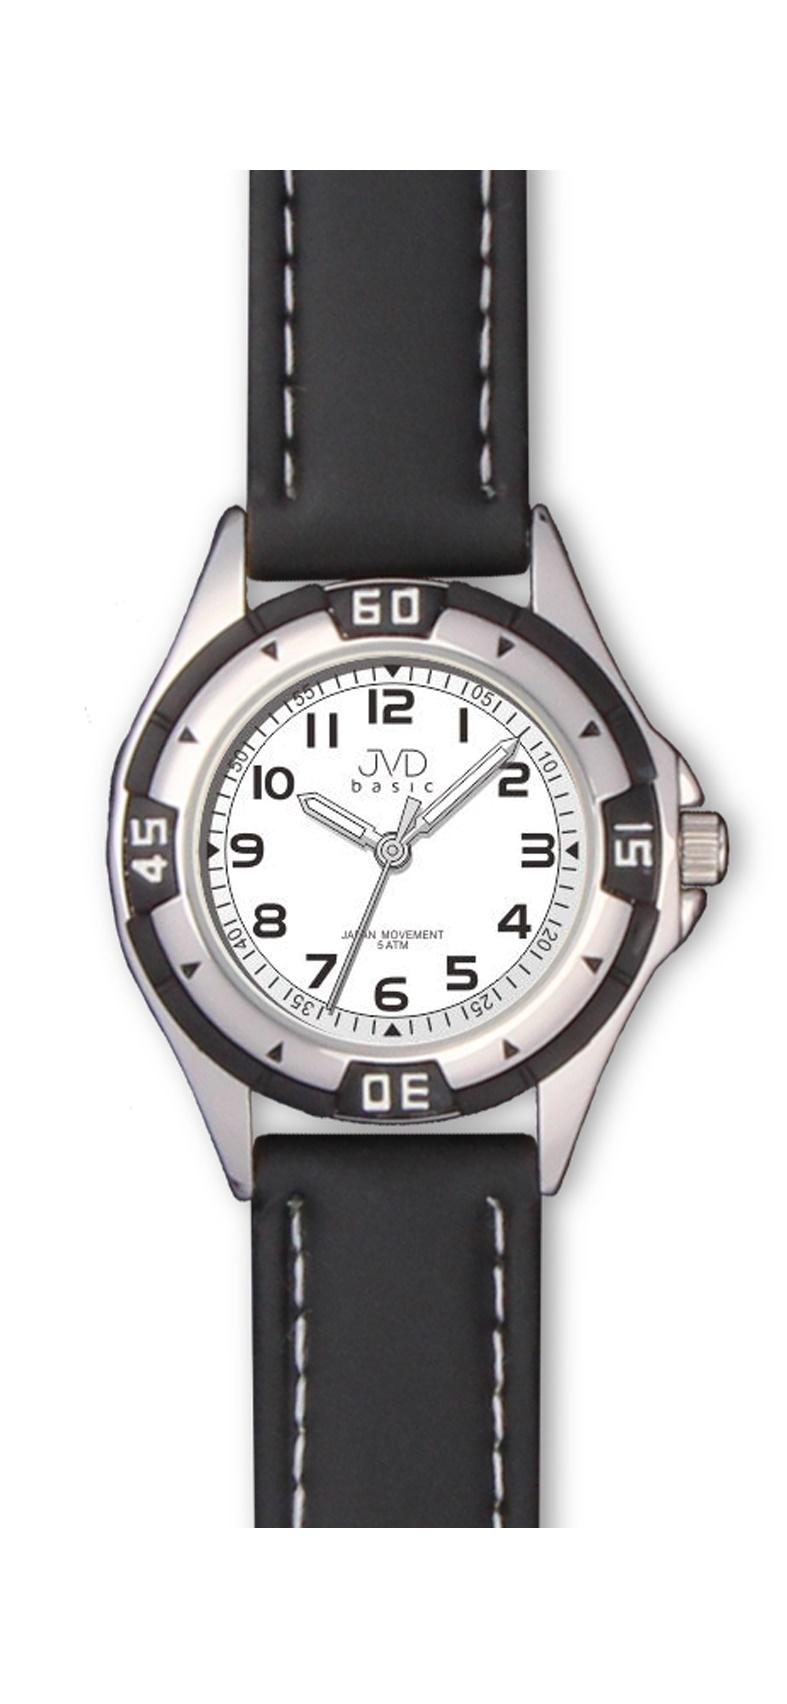 Chlapecké dětské voděodolné sportovní hodinky JVD J7099.2 - 5ATM